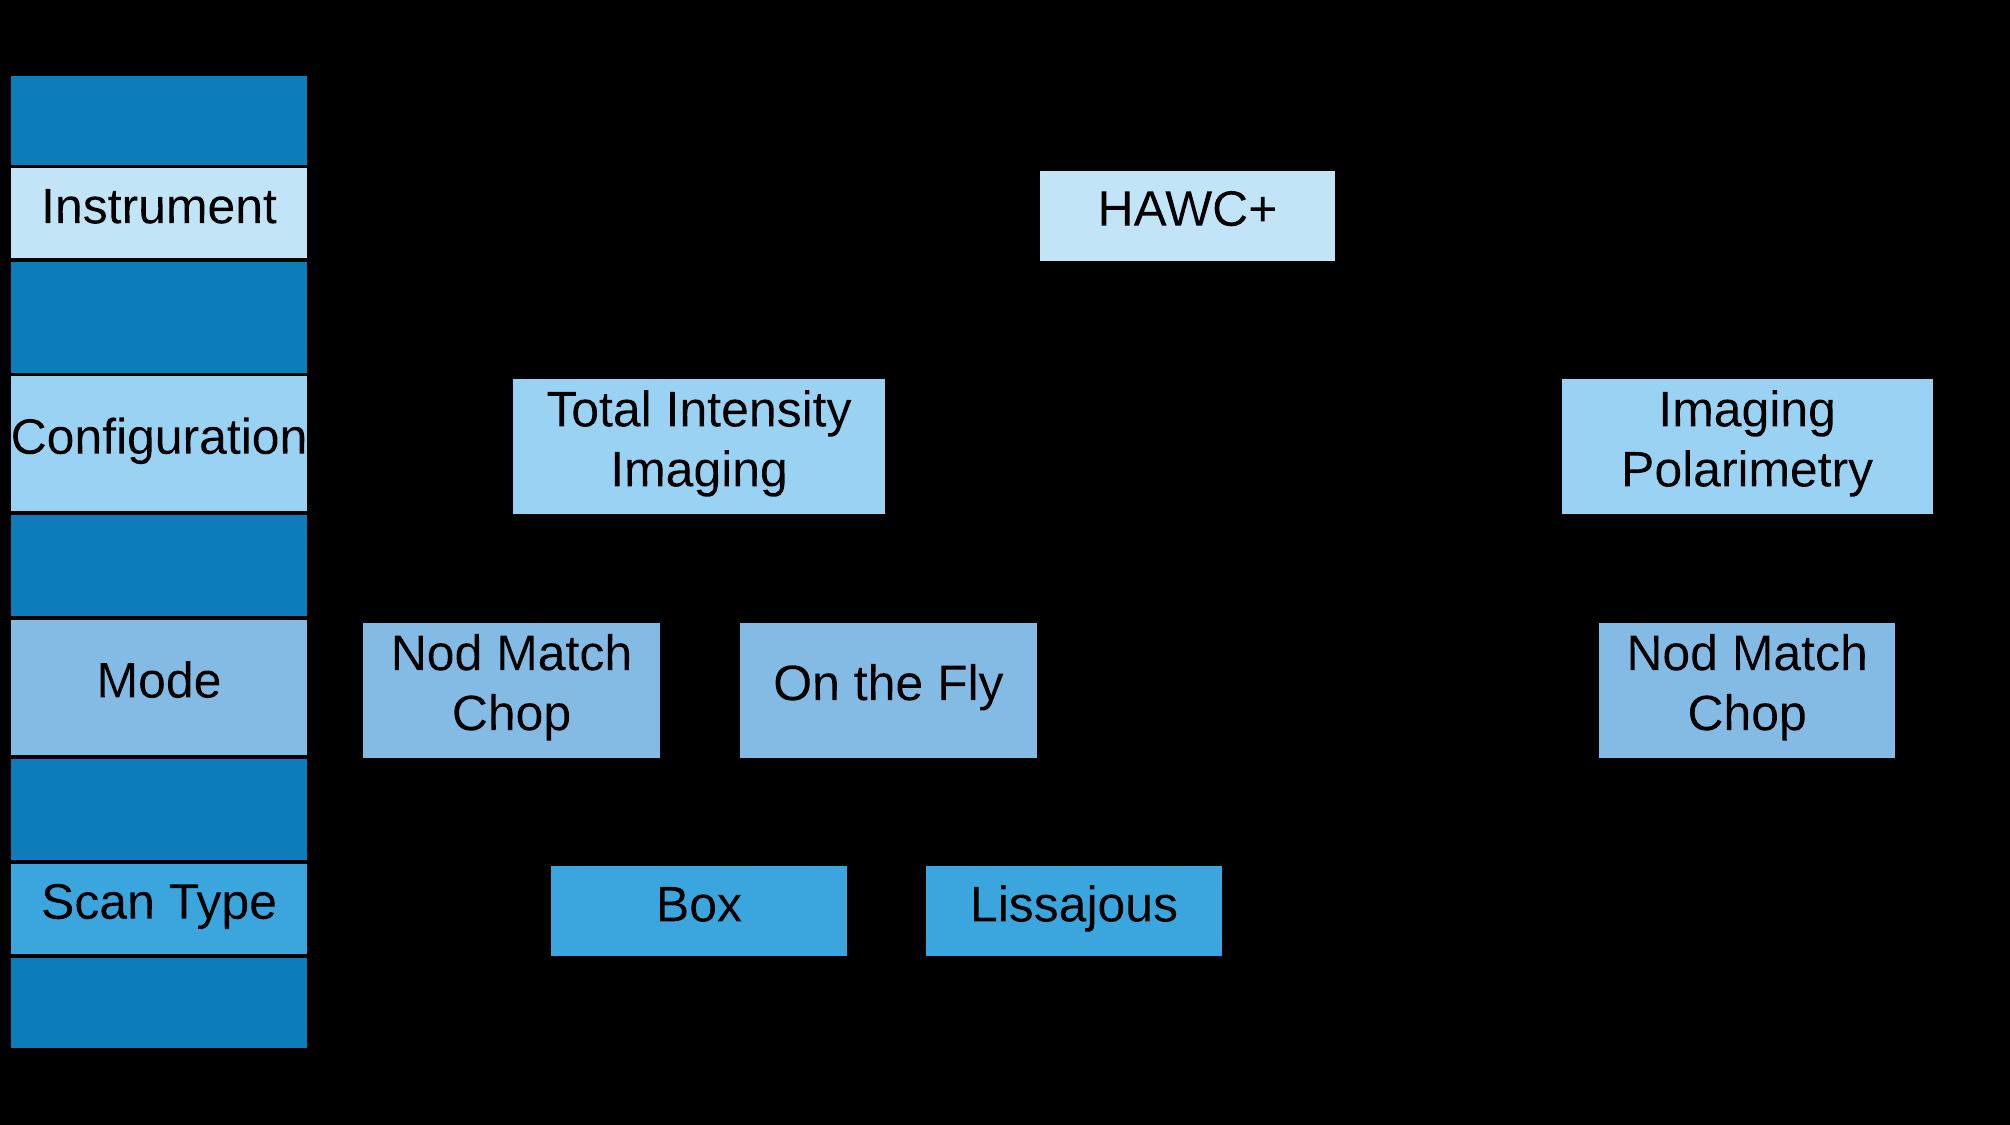 HAWC plus configuration and mode flowchart diagram